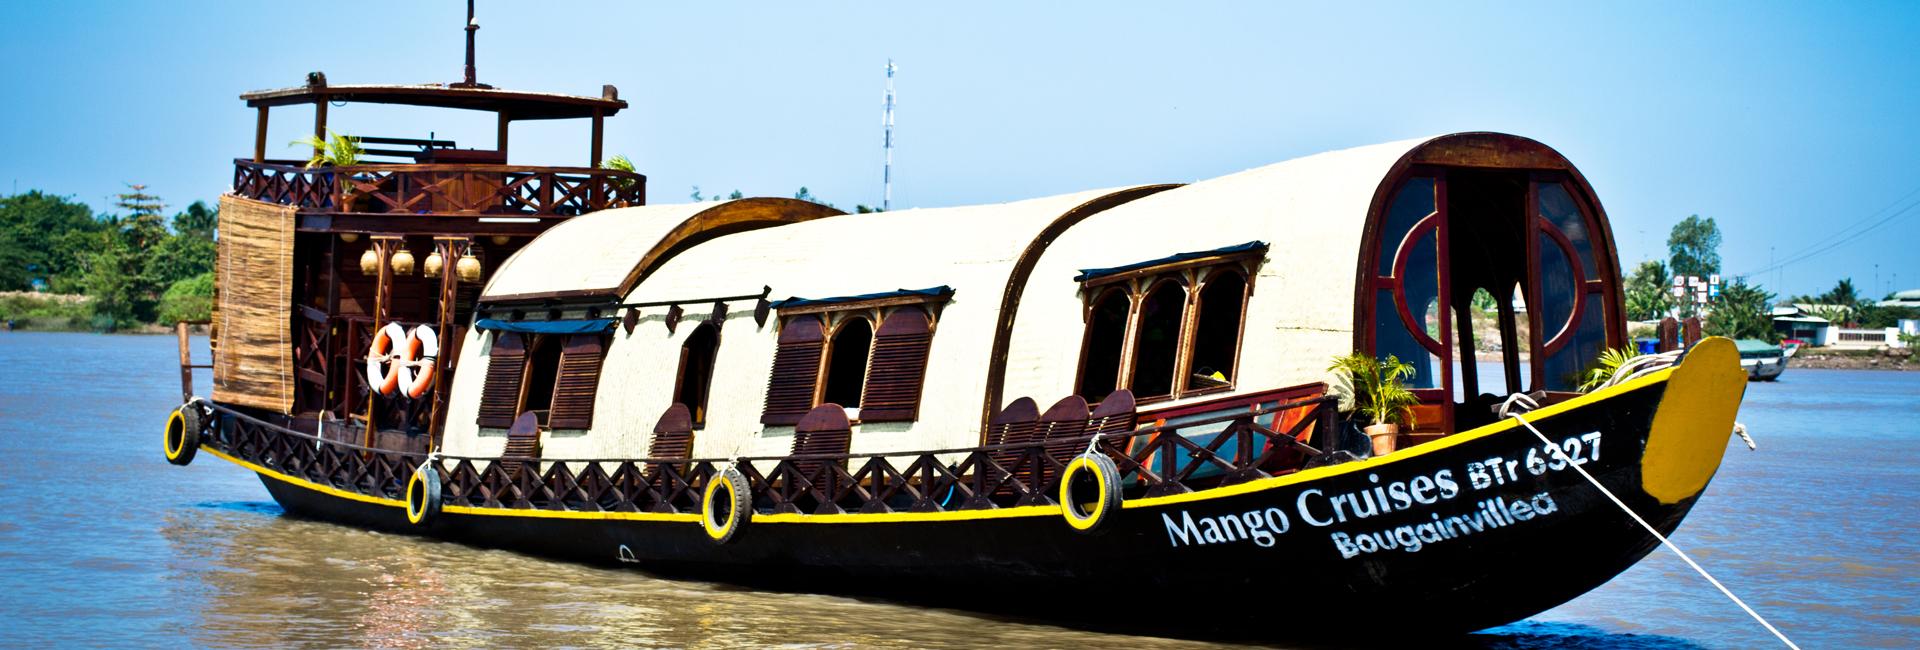 Mango cruise